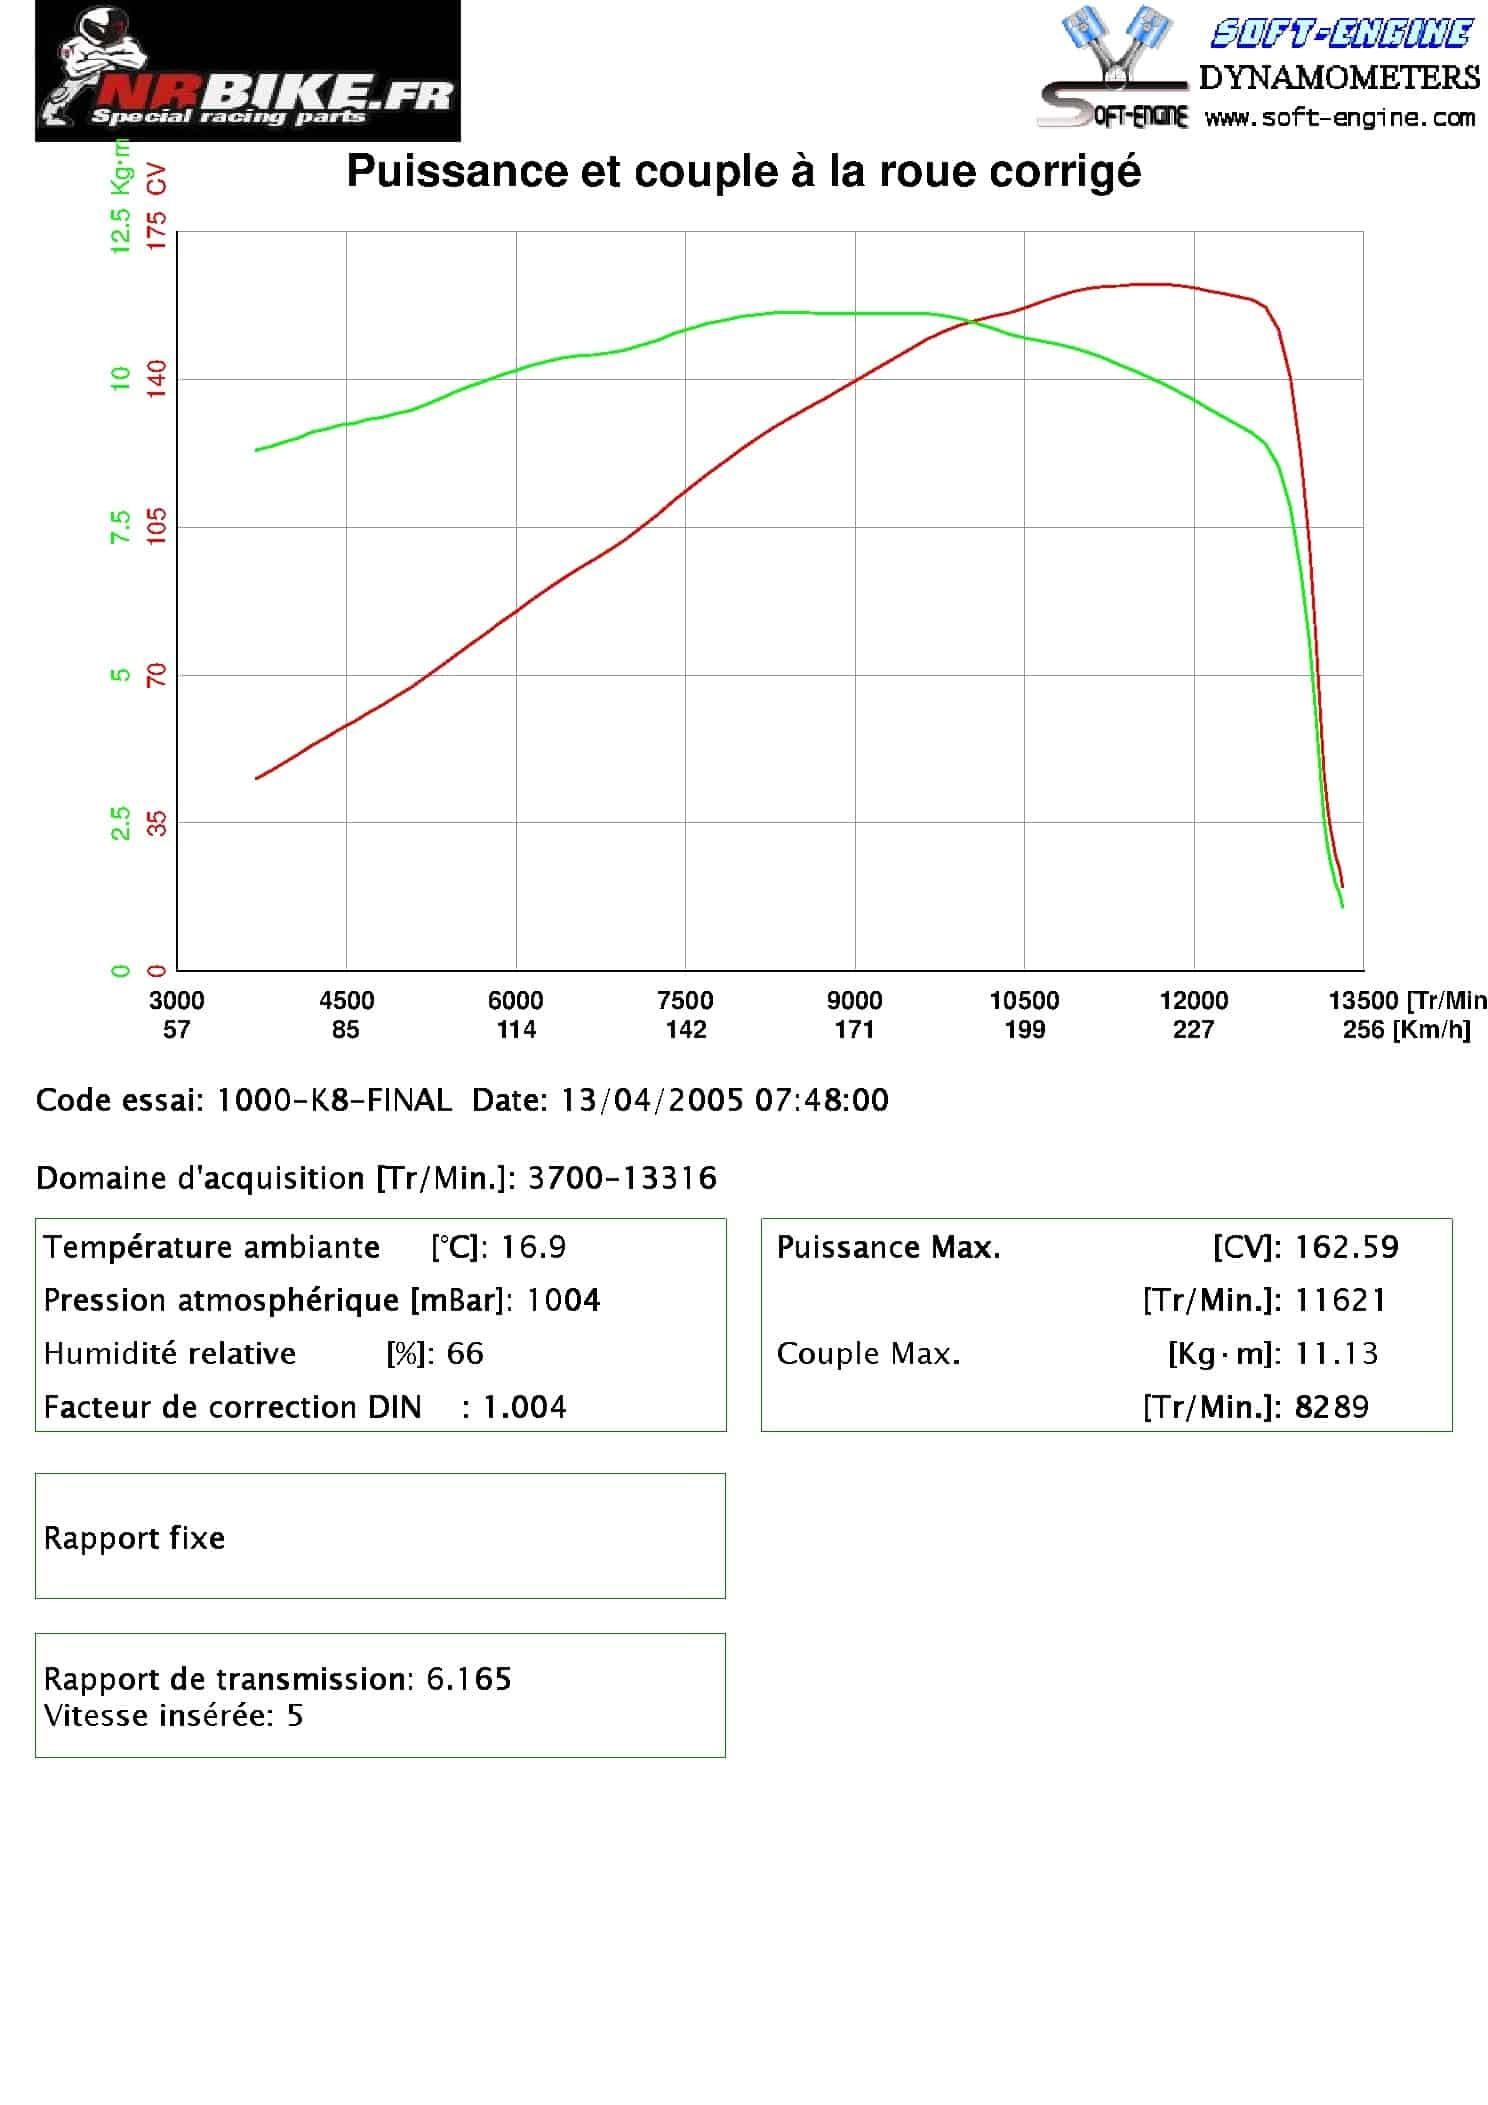 1000 K8 / silencieux akra + filtre / sans ram air